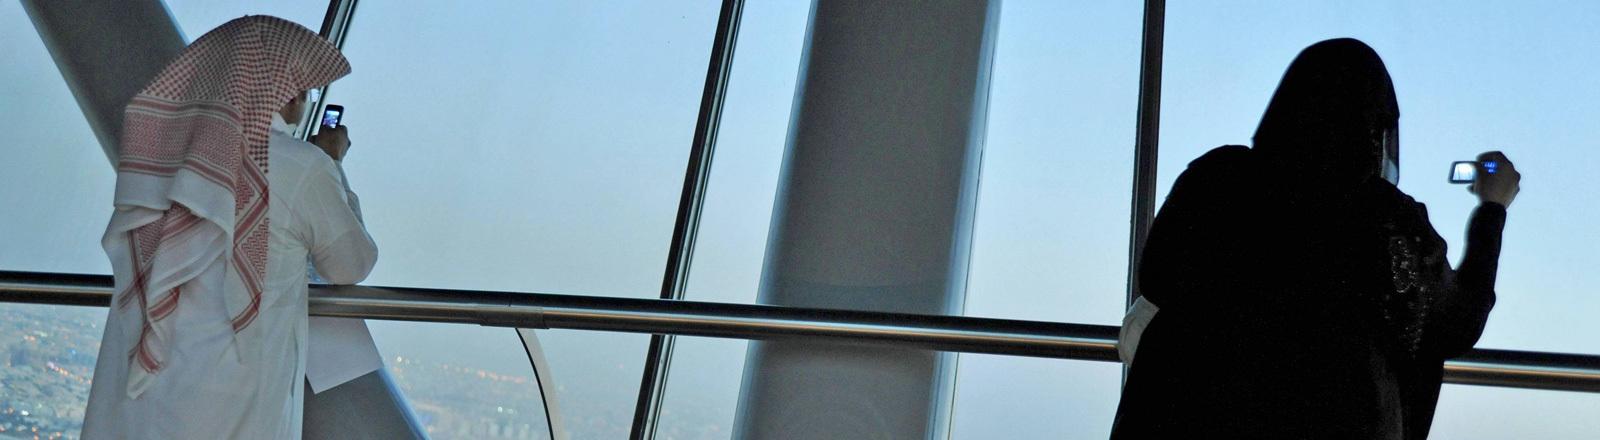 Auf einer Aussichtsplattform im saudi-arabischen Riad stehen eine Frau und ein Mann. Sie schauen beide auf ihre Mobiltelefone.